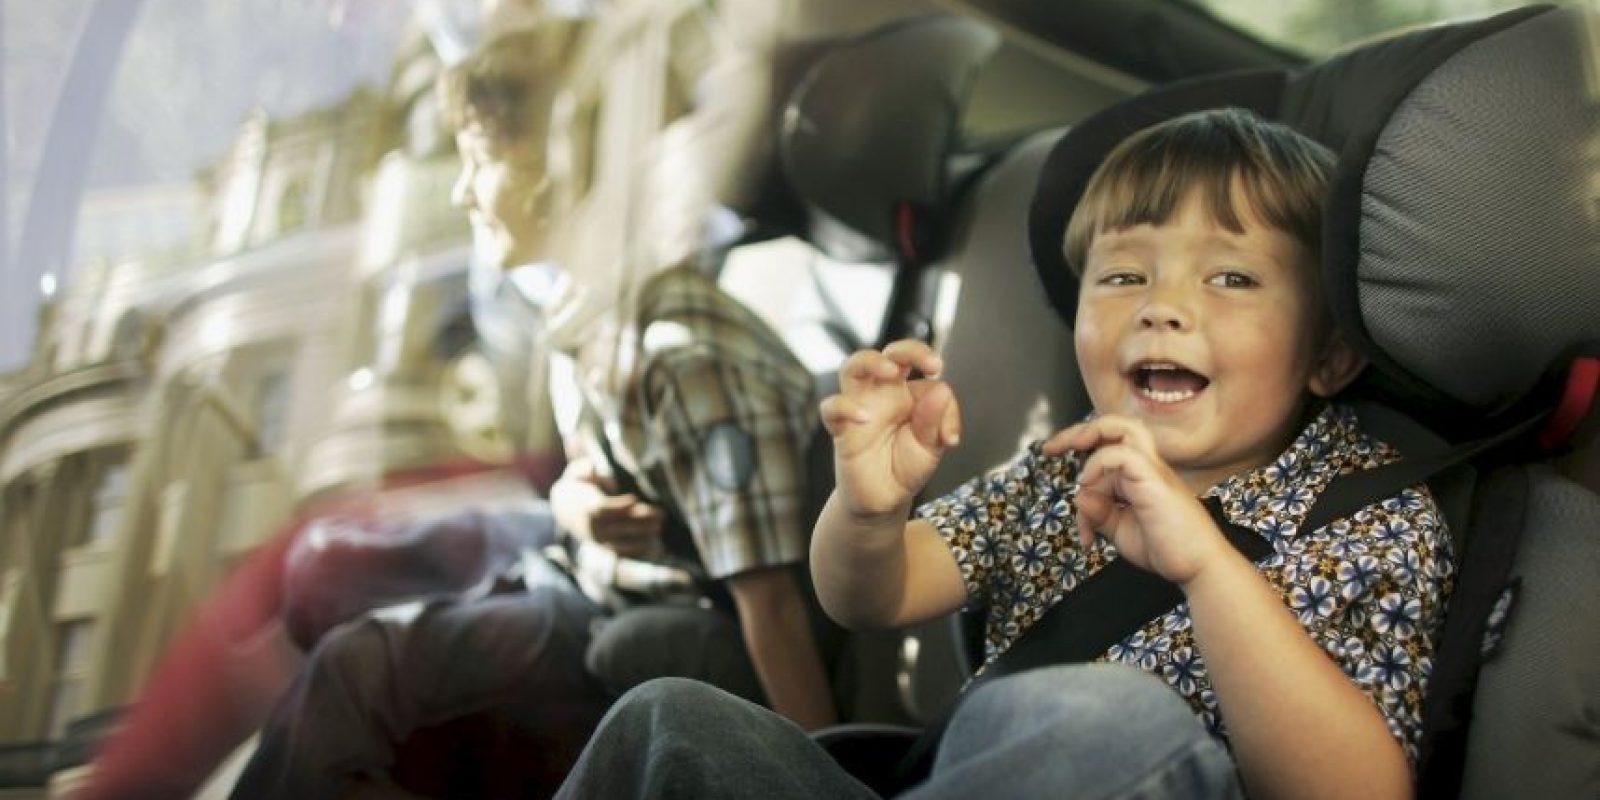 En el interior del vehículo, los adultos ocuparán los asientos delanteros y los niños los traseros. Foto:Getty Images. Información: medicosporlaseguridadvial.com